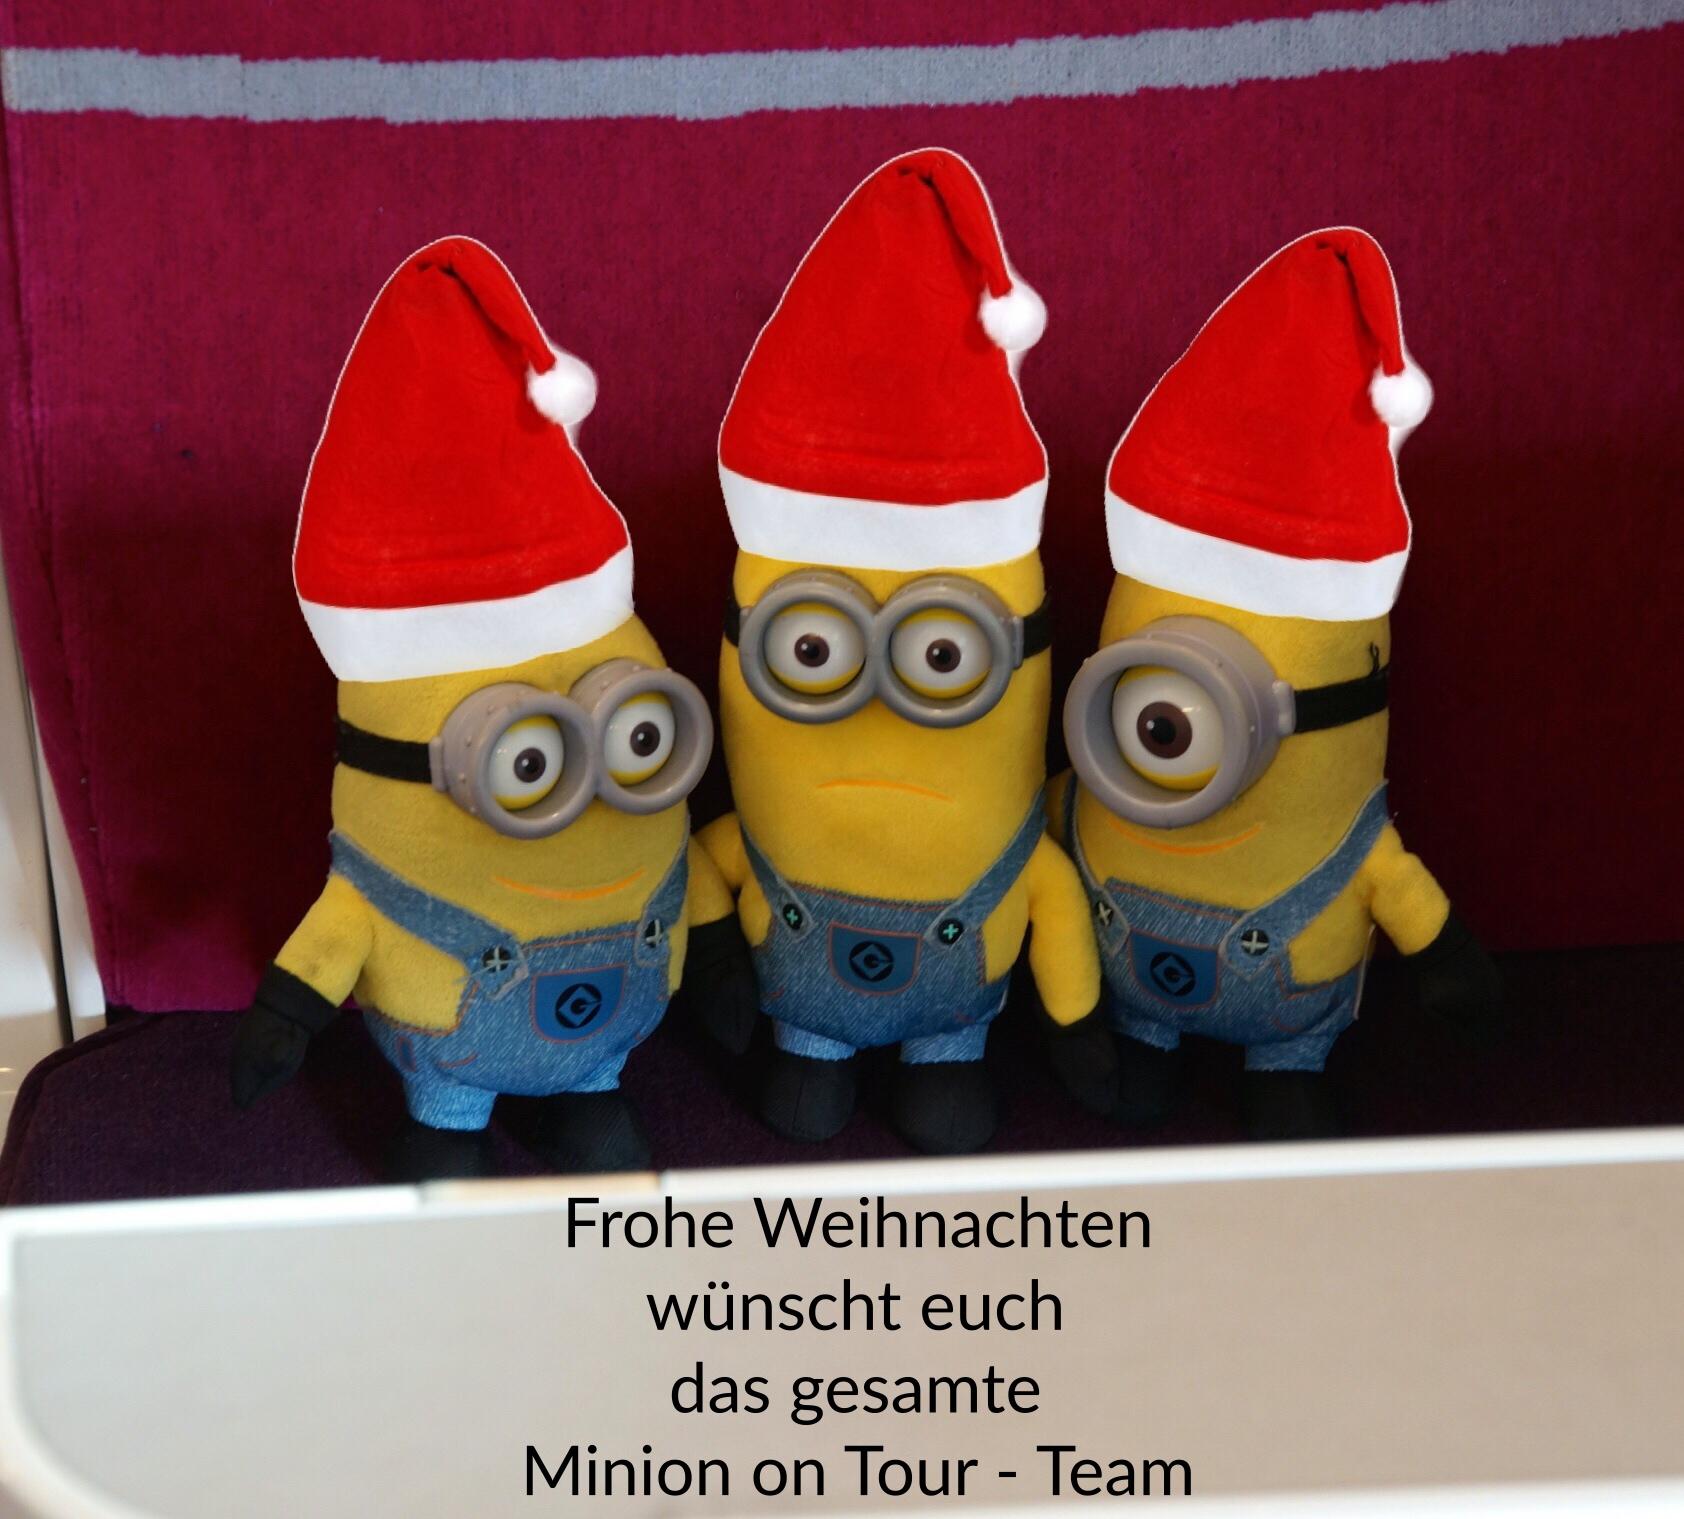 Frohe Weihnachten Minions.Frohe Weihnachten Minion On Tour